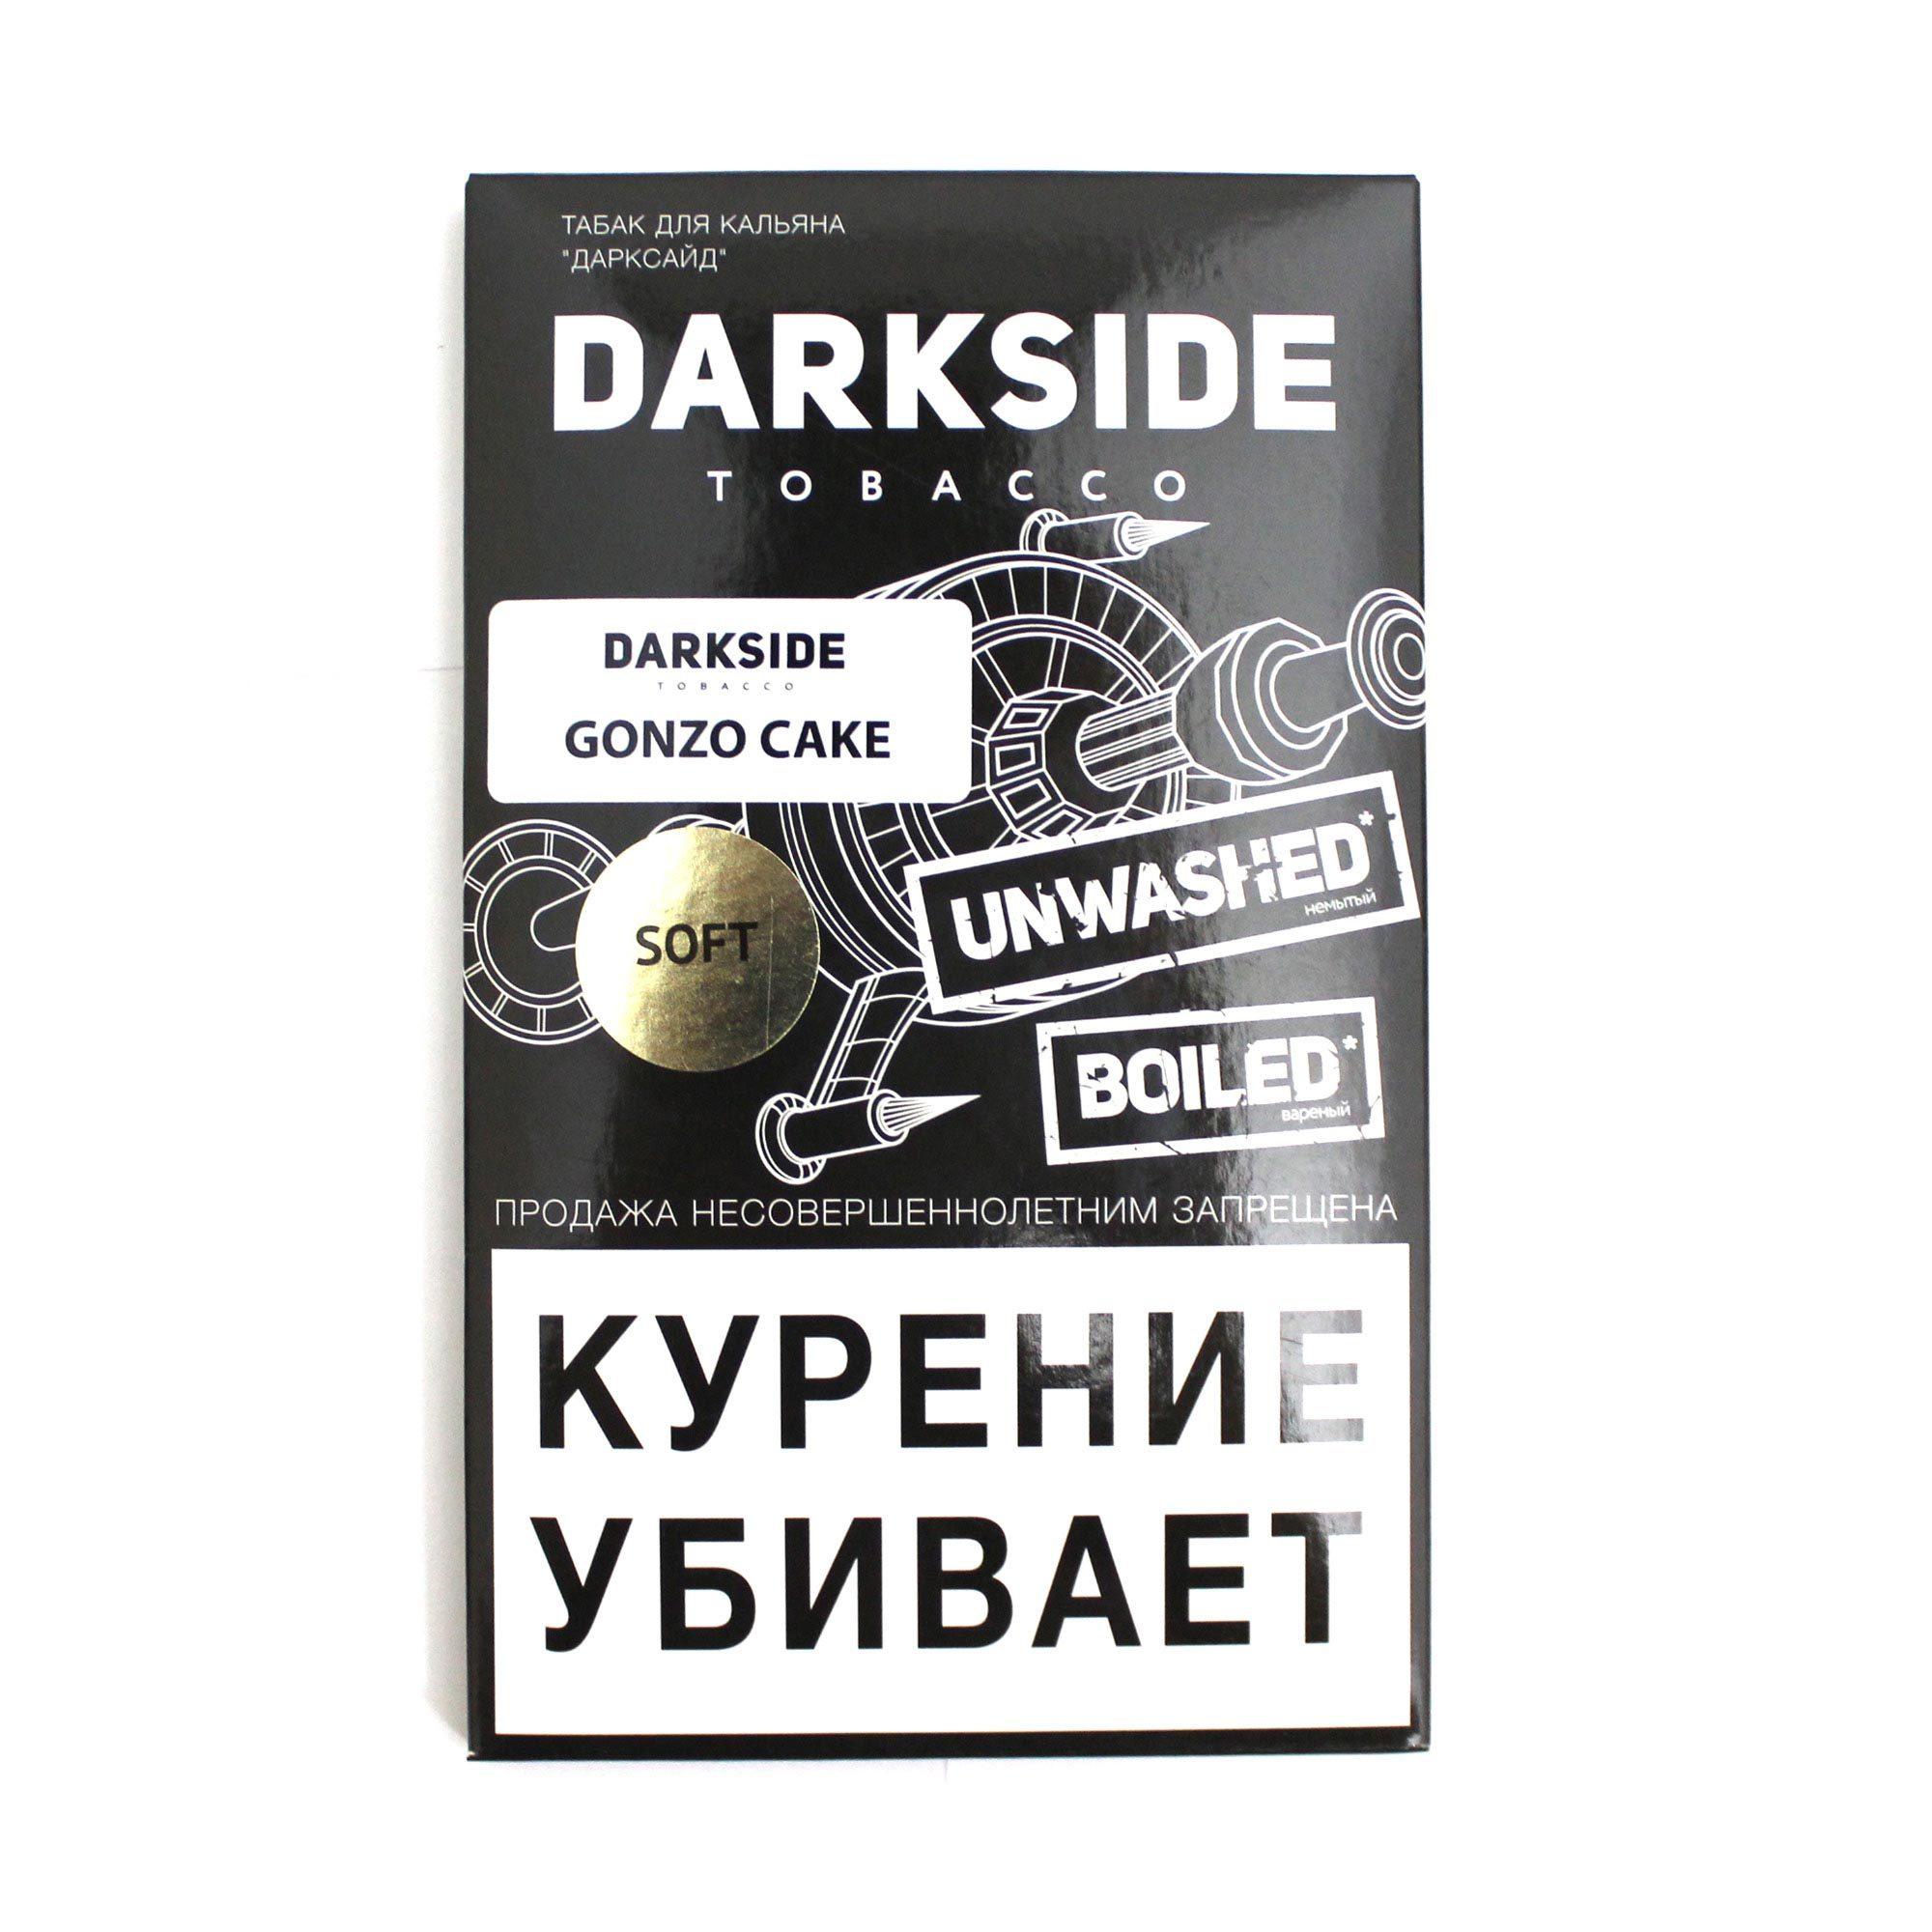 Табак для кальяна Dark Side Soft 100 гр. Gonzo Cake